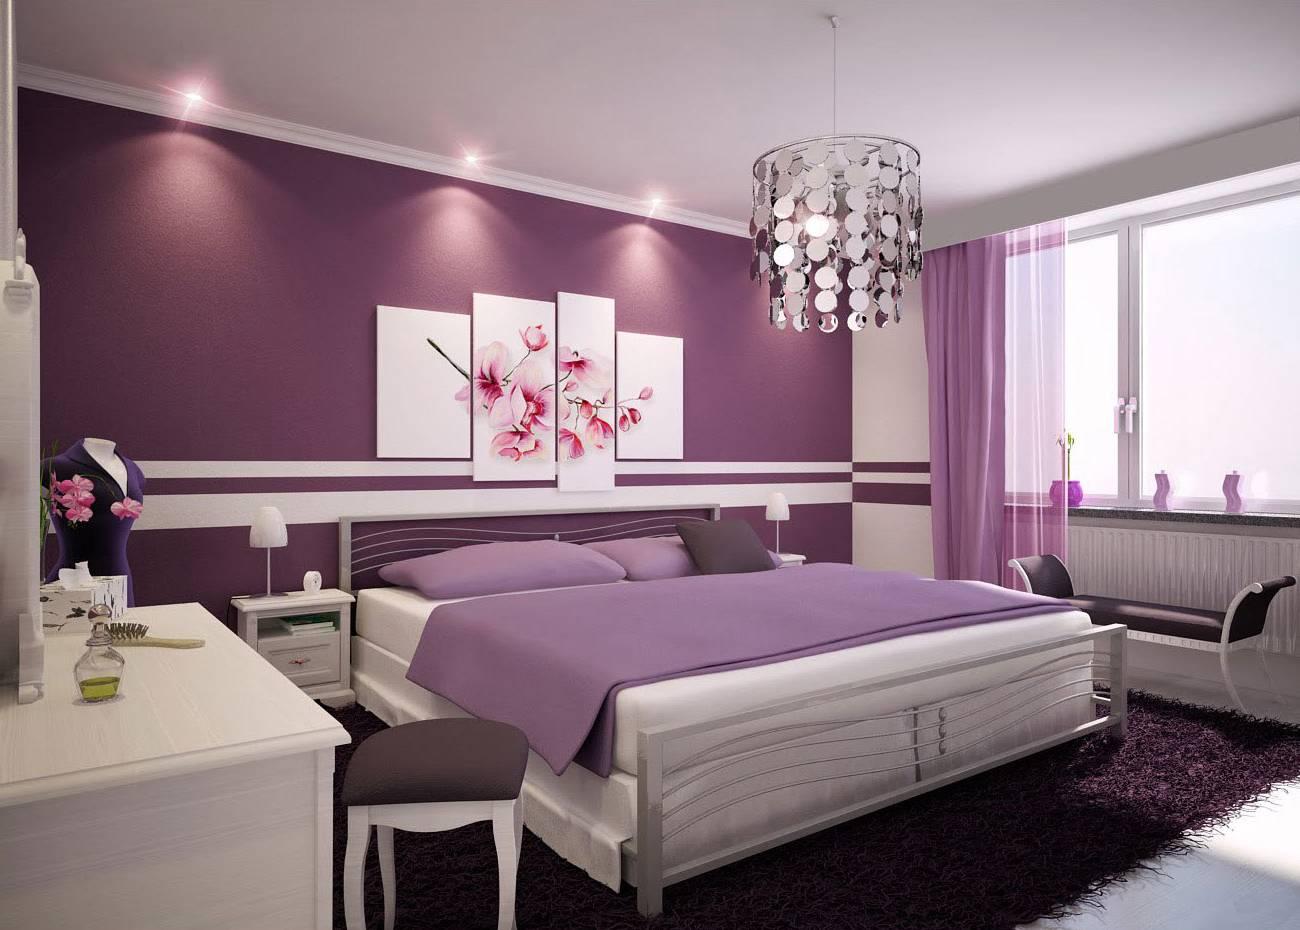 idee deco chambre parents. Black Bedroom Furniture Sets. Home Design Ideas